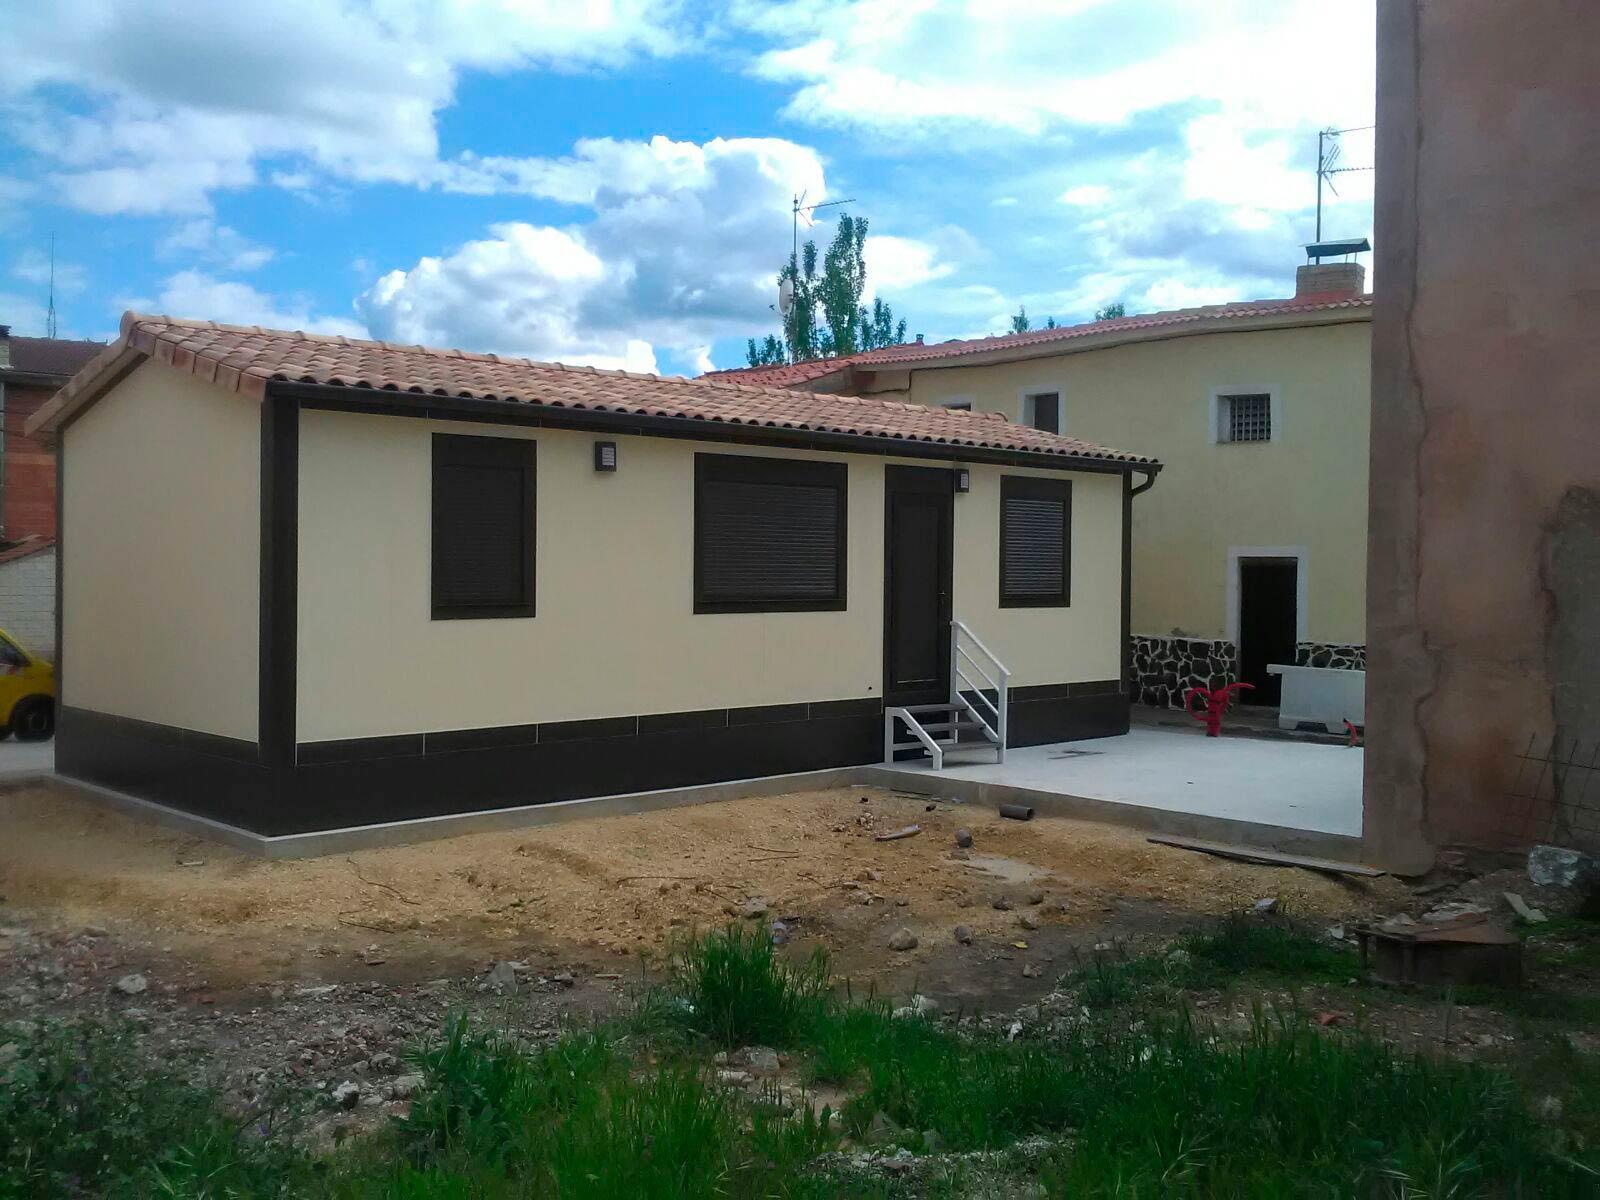 Casa integrada en un pueblo de burgos lercasa master Casas prefabricadas lerma